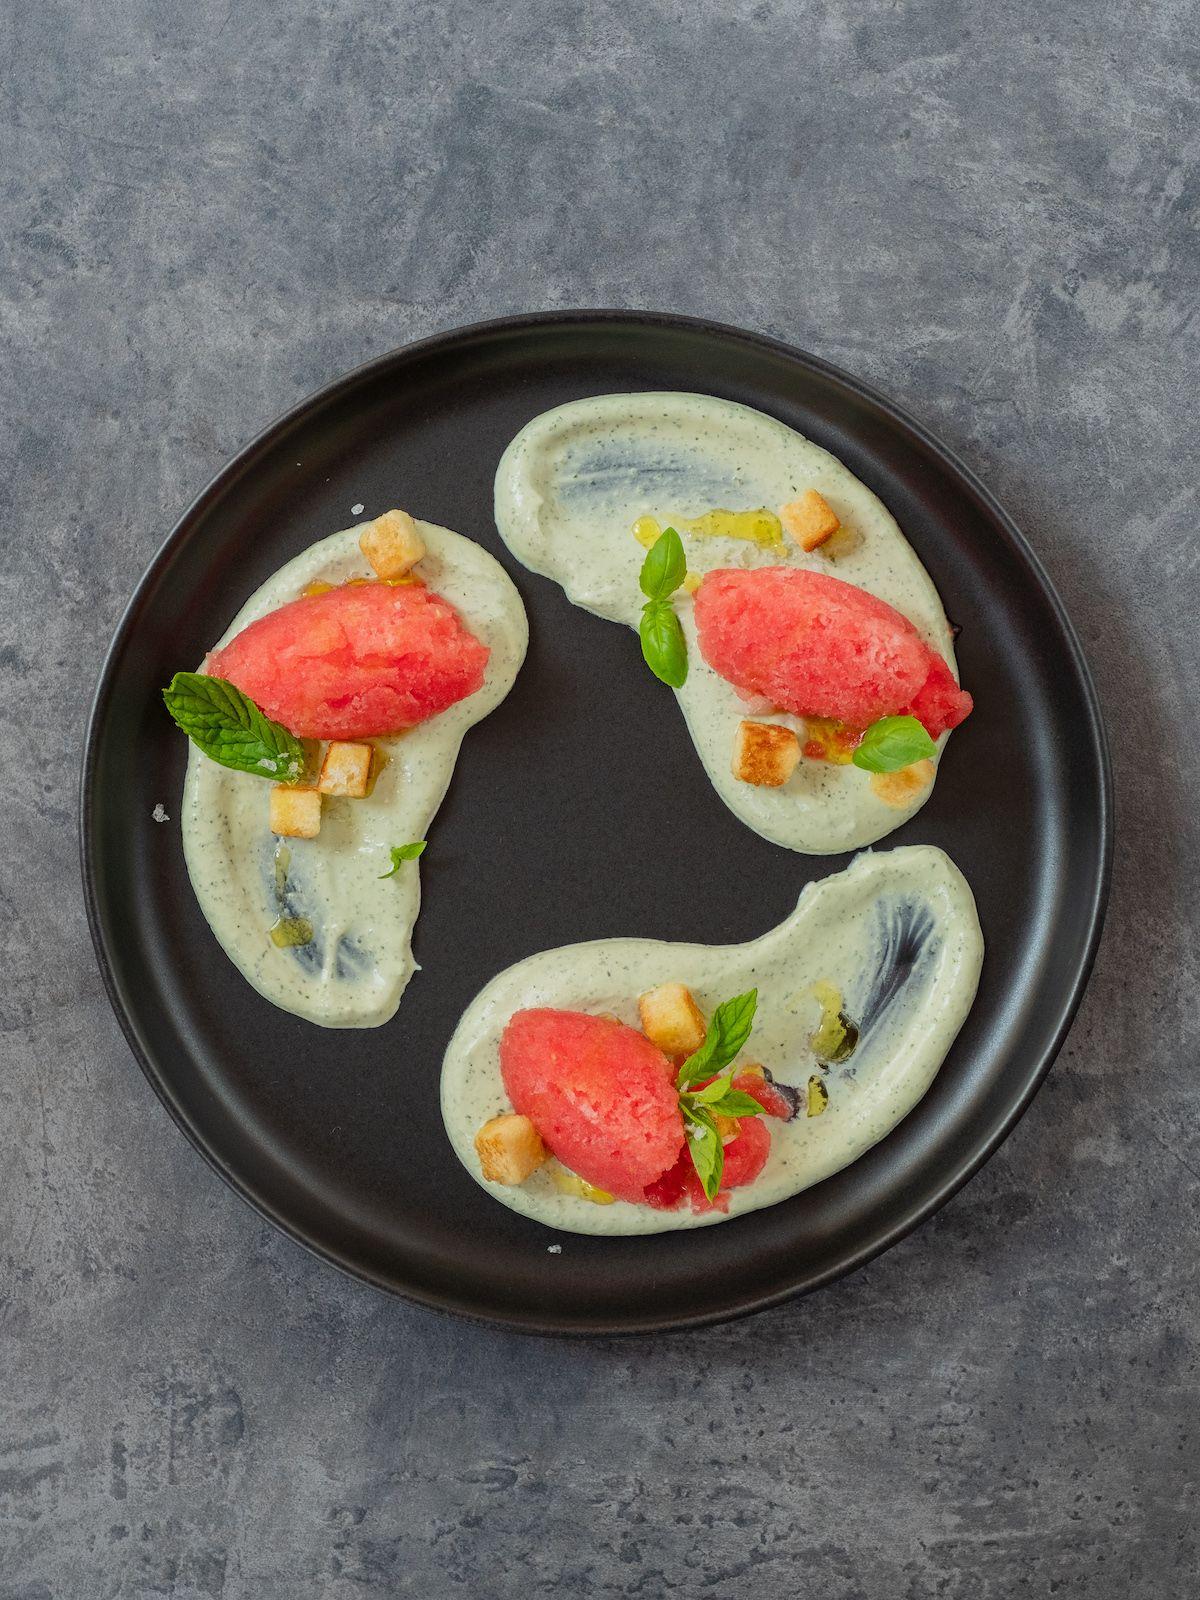 Foodblog, Rezept, Wassermelonengranita auf Basilikum-Minz-Schmand und Brioche-Croutons, Teller, Dessert